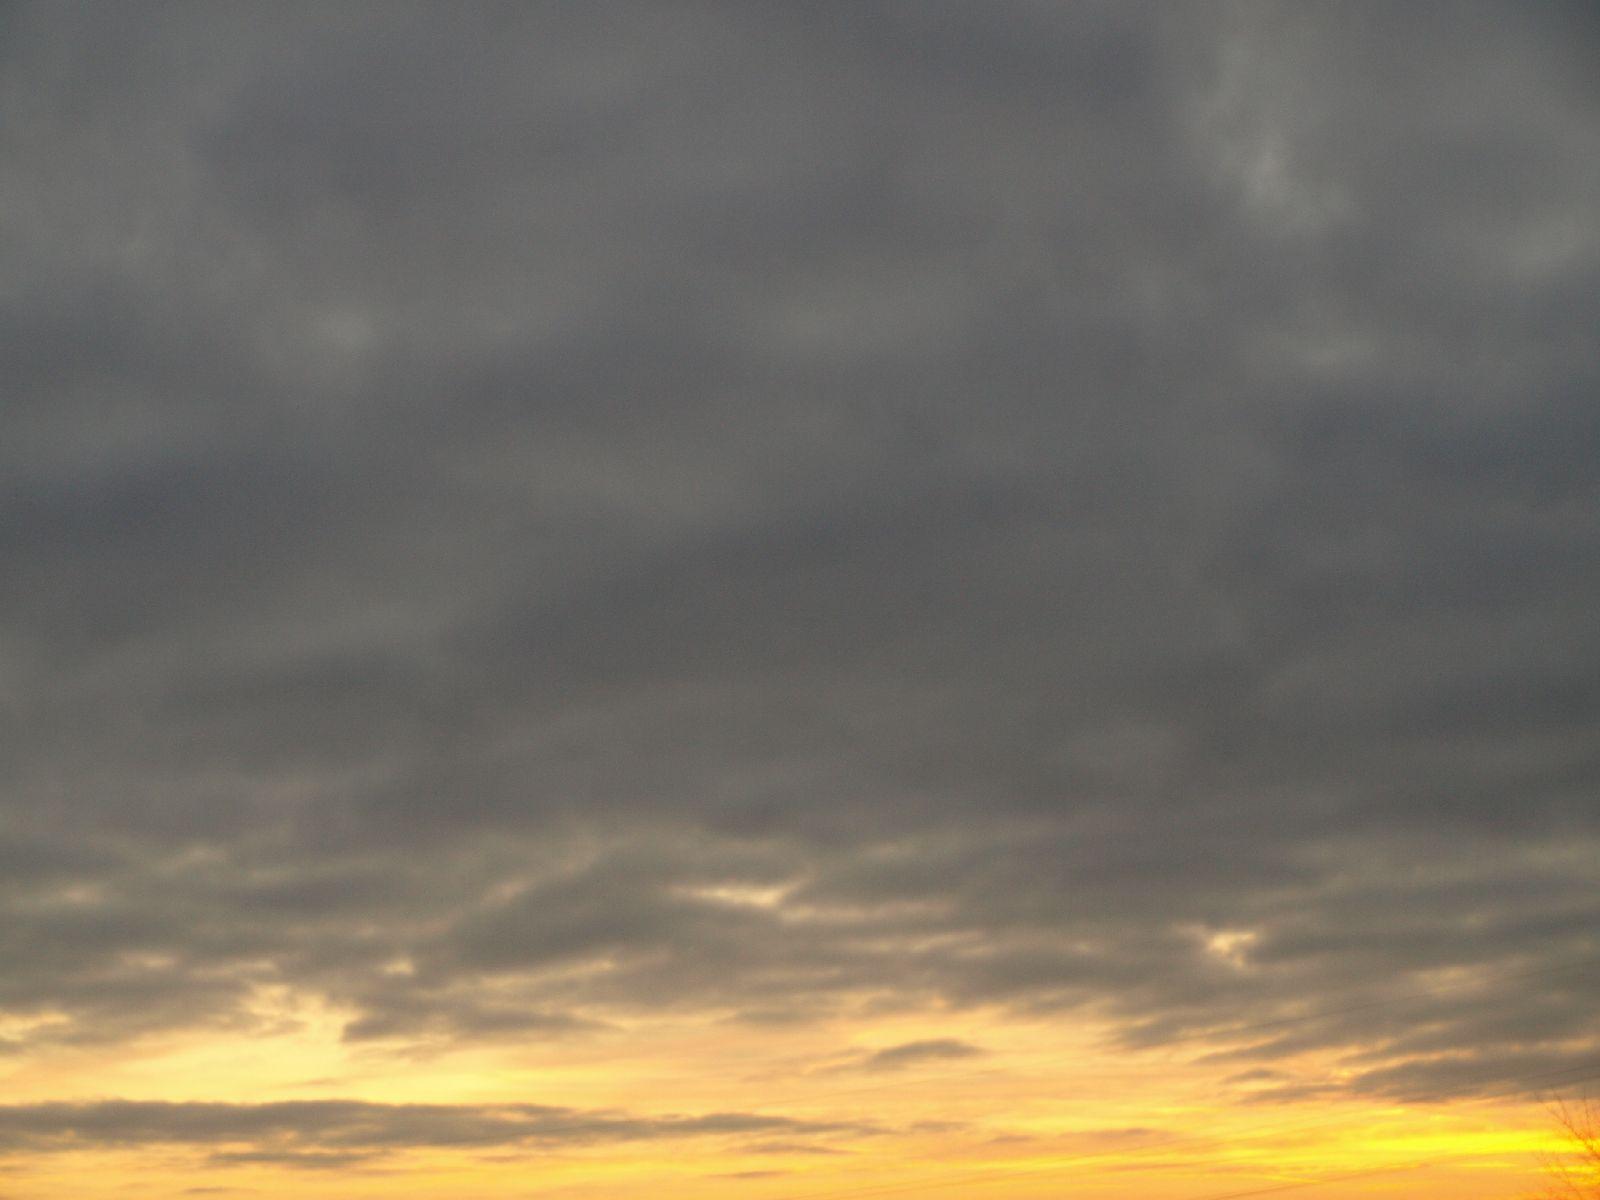 Himmel-Wolken-Foto_Textur_A_P1018677